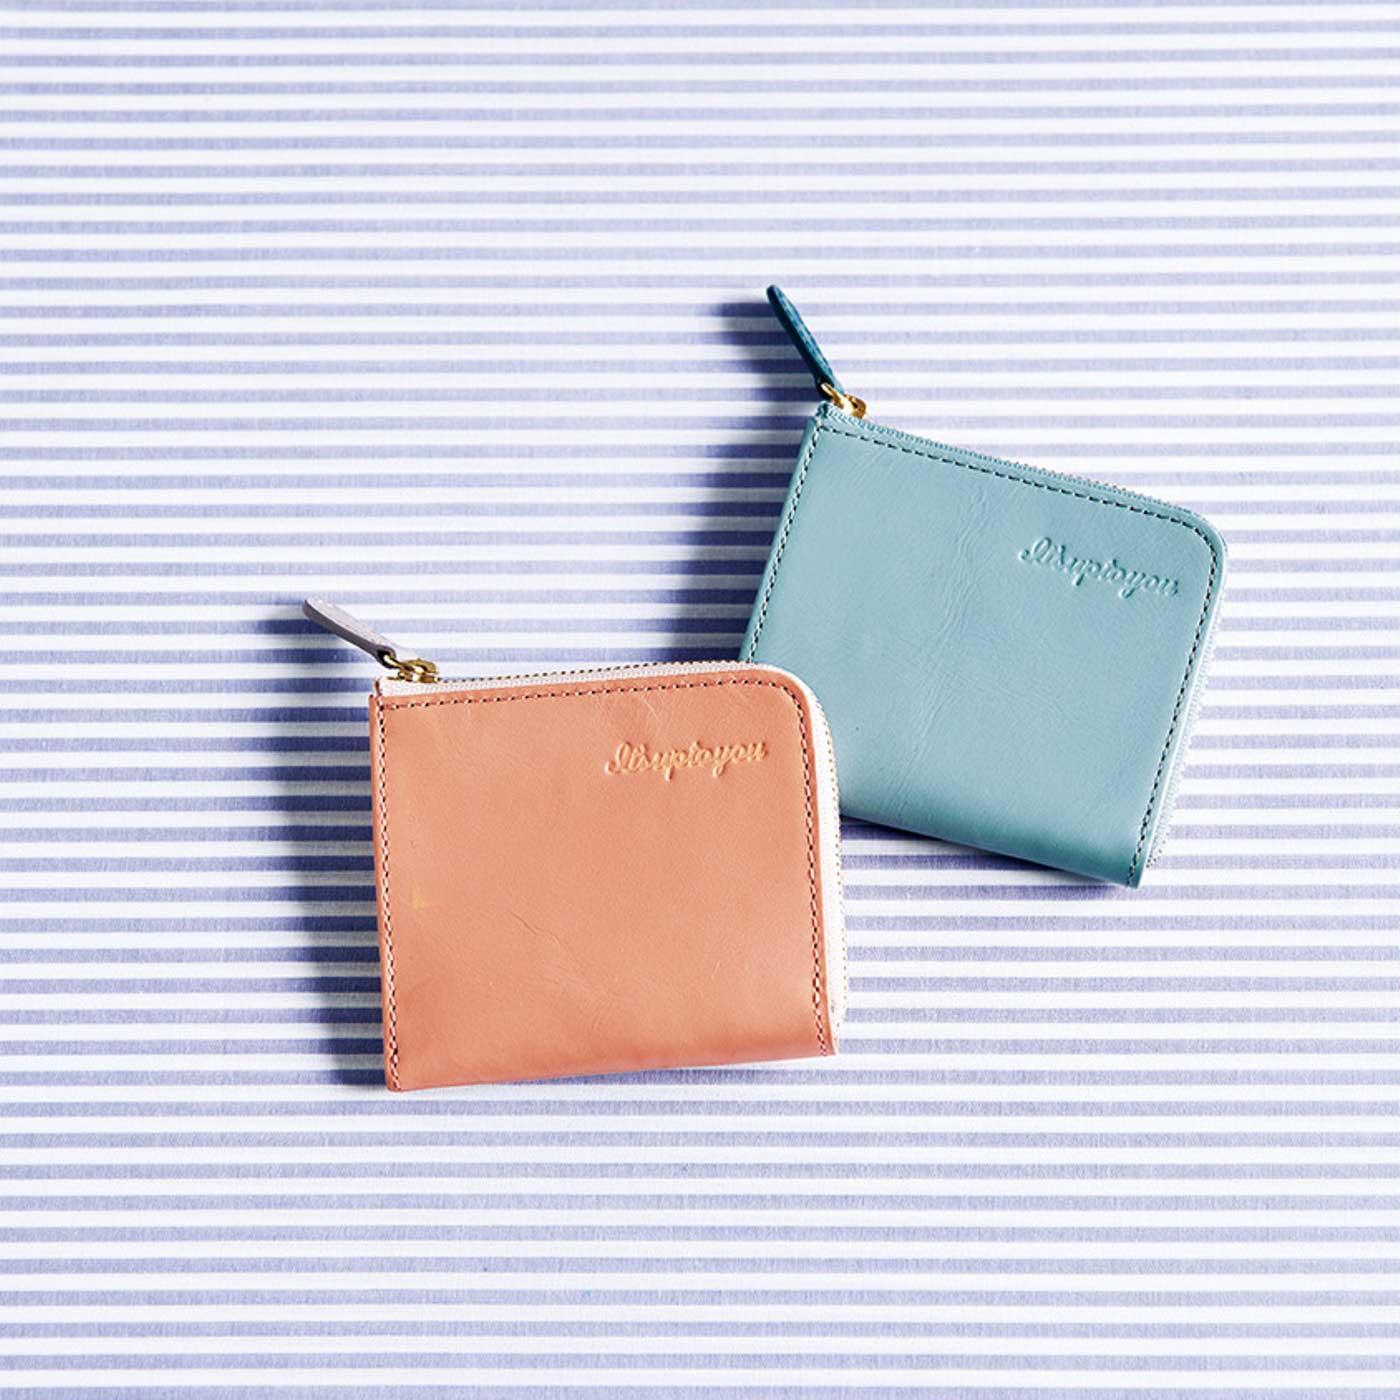 さらりとして秘めたツヤ感と、カラー配色が開くたび楽しめる本革財布です。